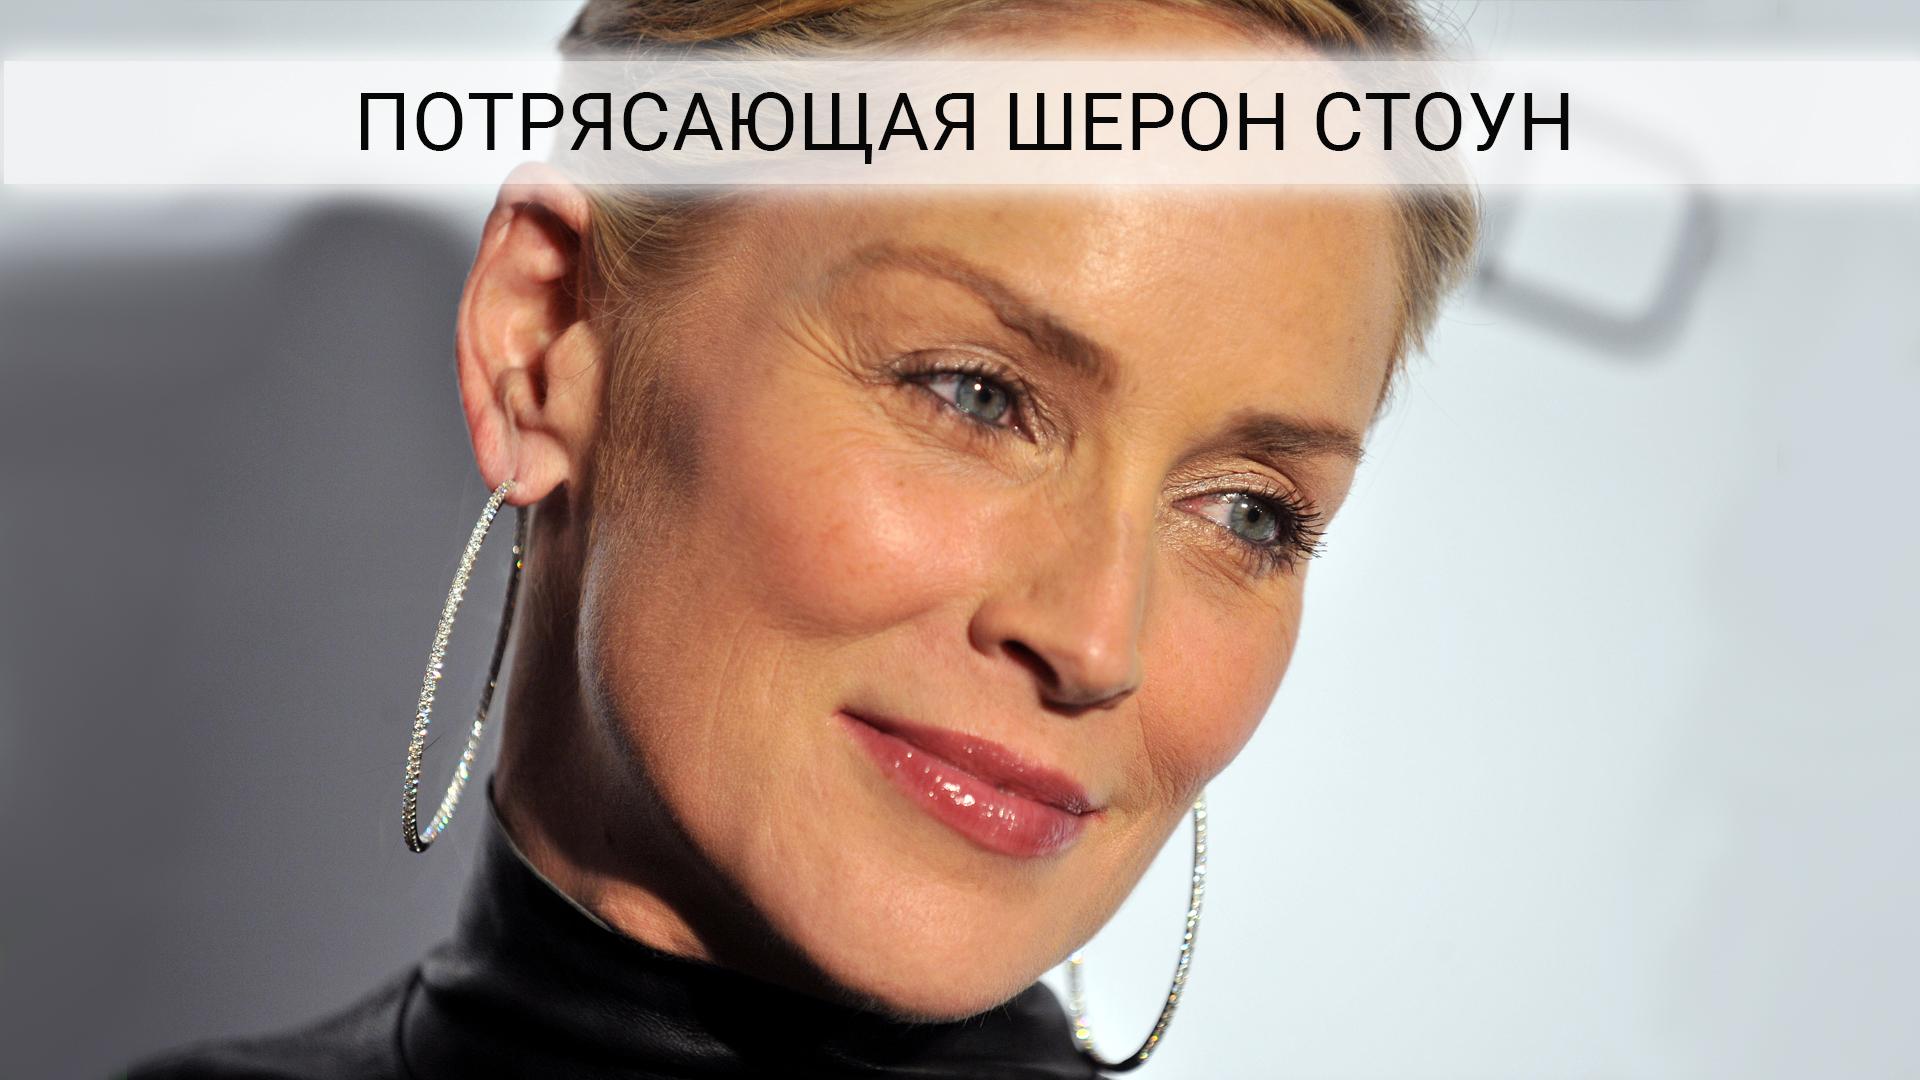 Мудрые слова Шерон Стоун